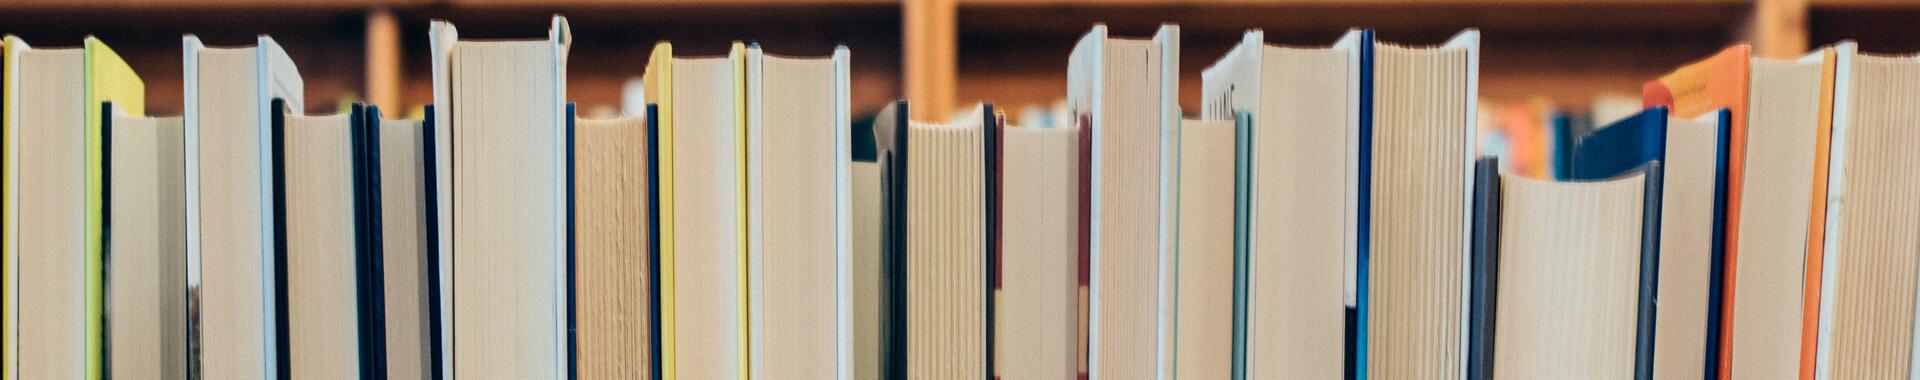 Books © Unsplash